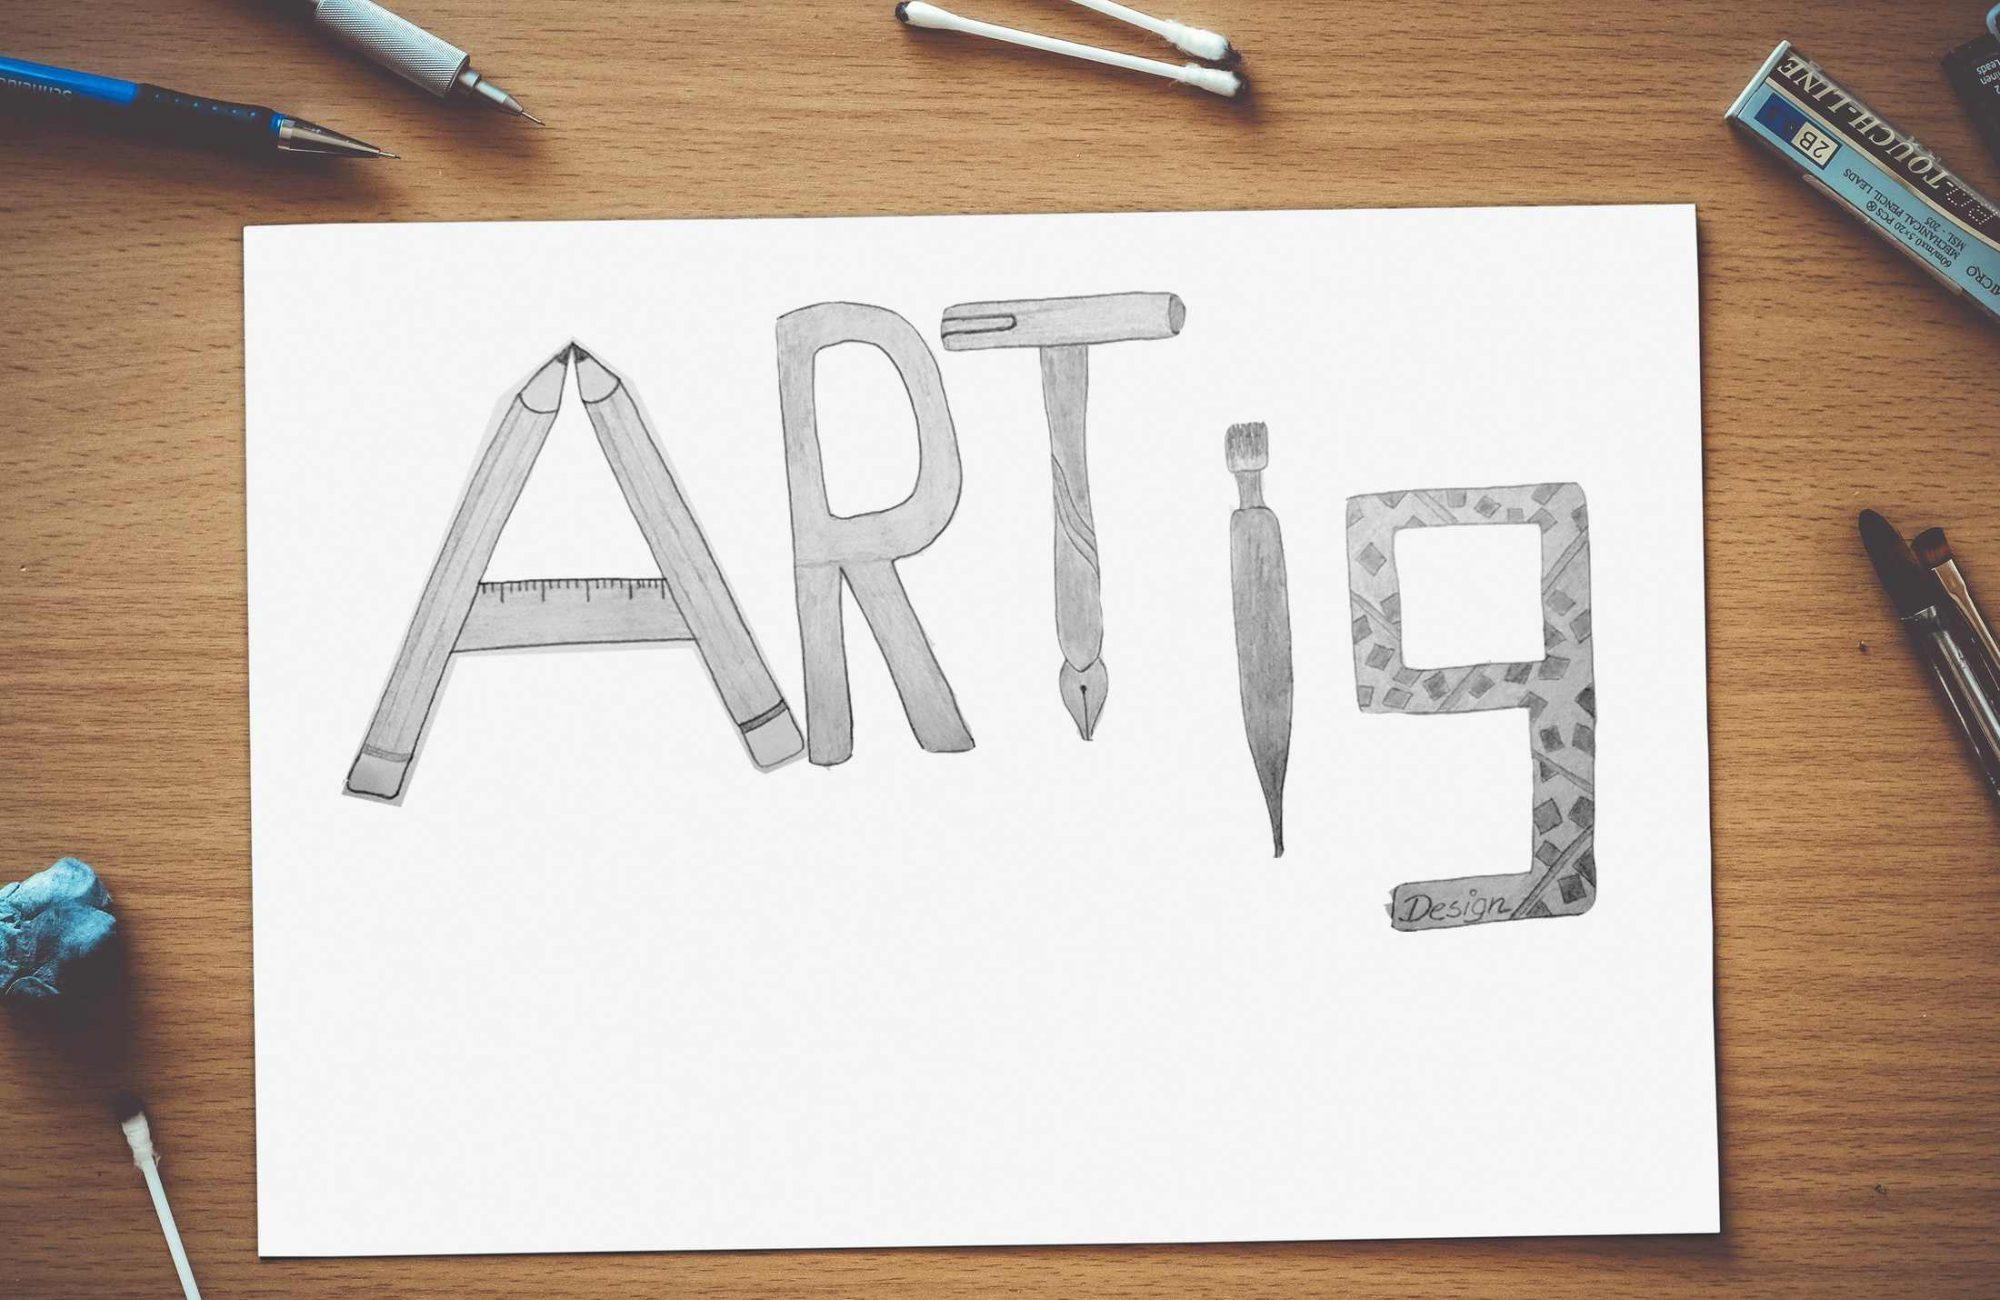 ARTIG-DESIGN.de